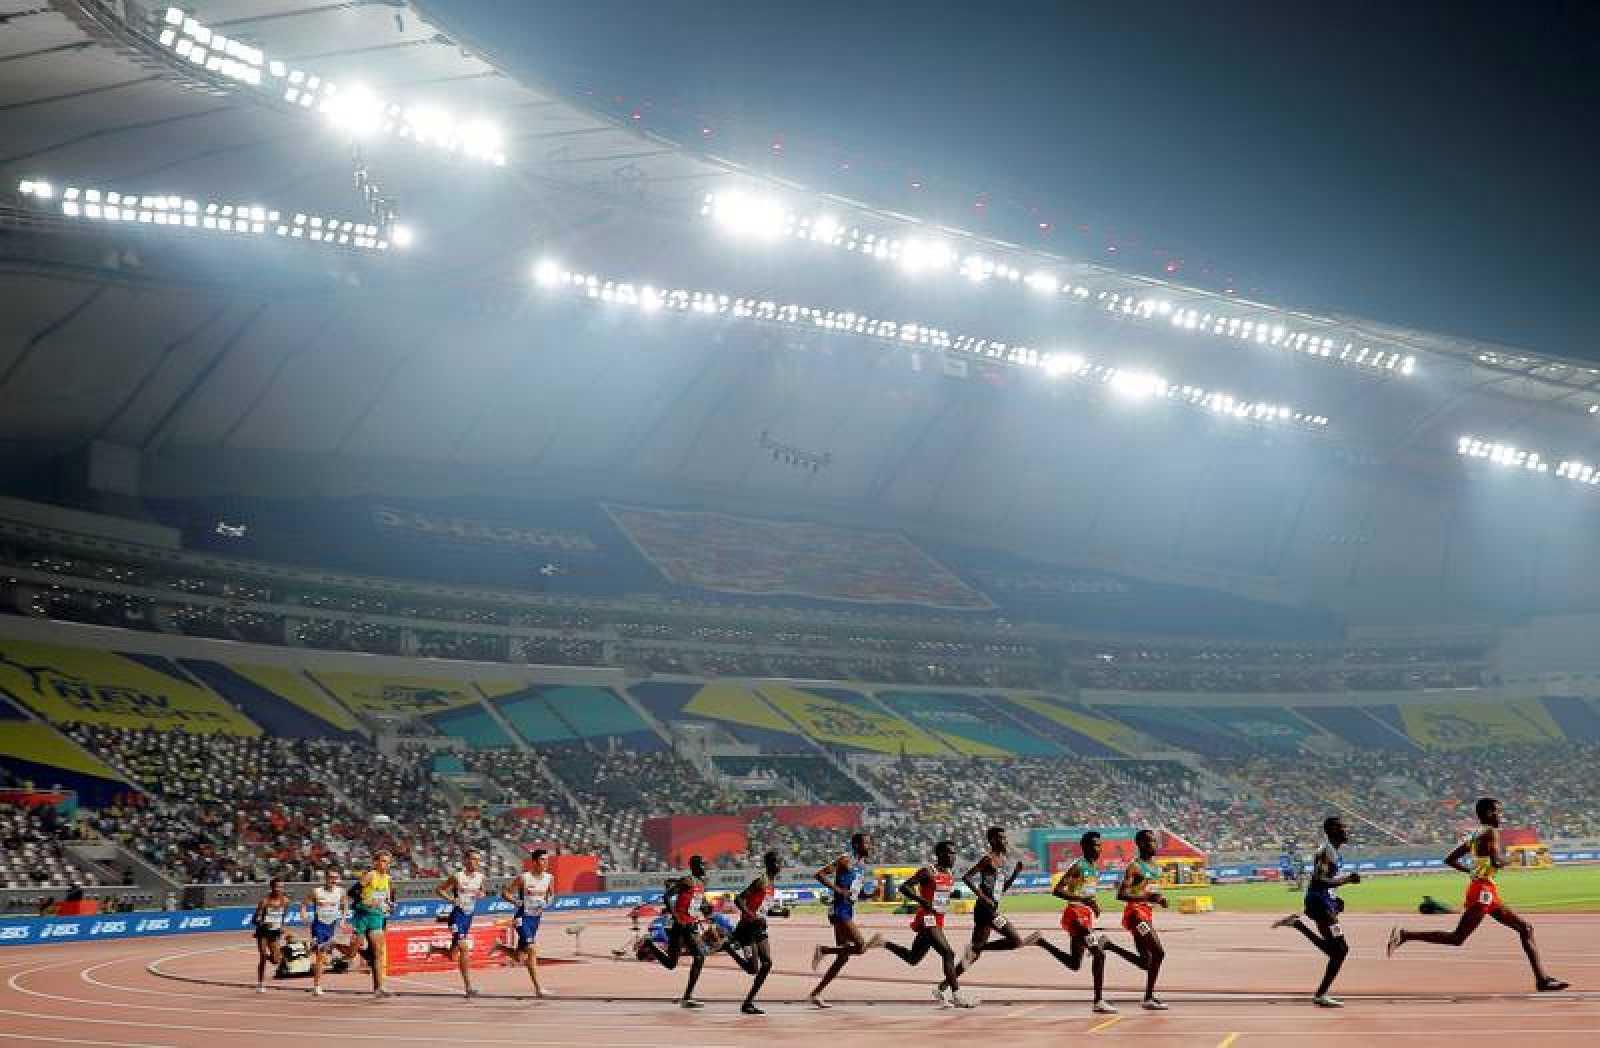 Imagen de la final de 5.000 metros lisos masculina del pasado Mundial de atletismo en Doha.